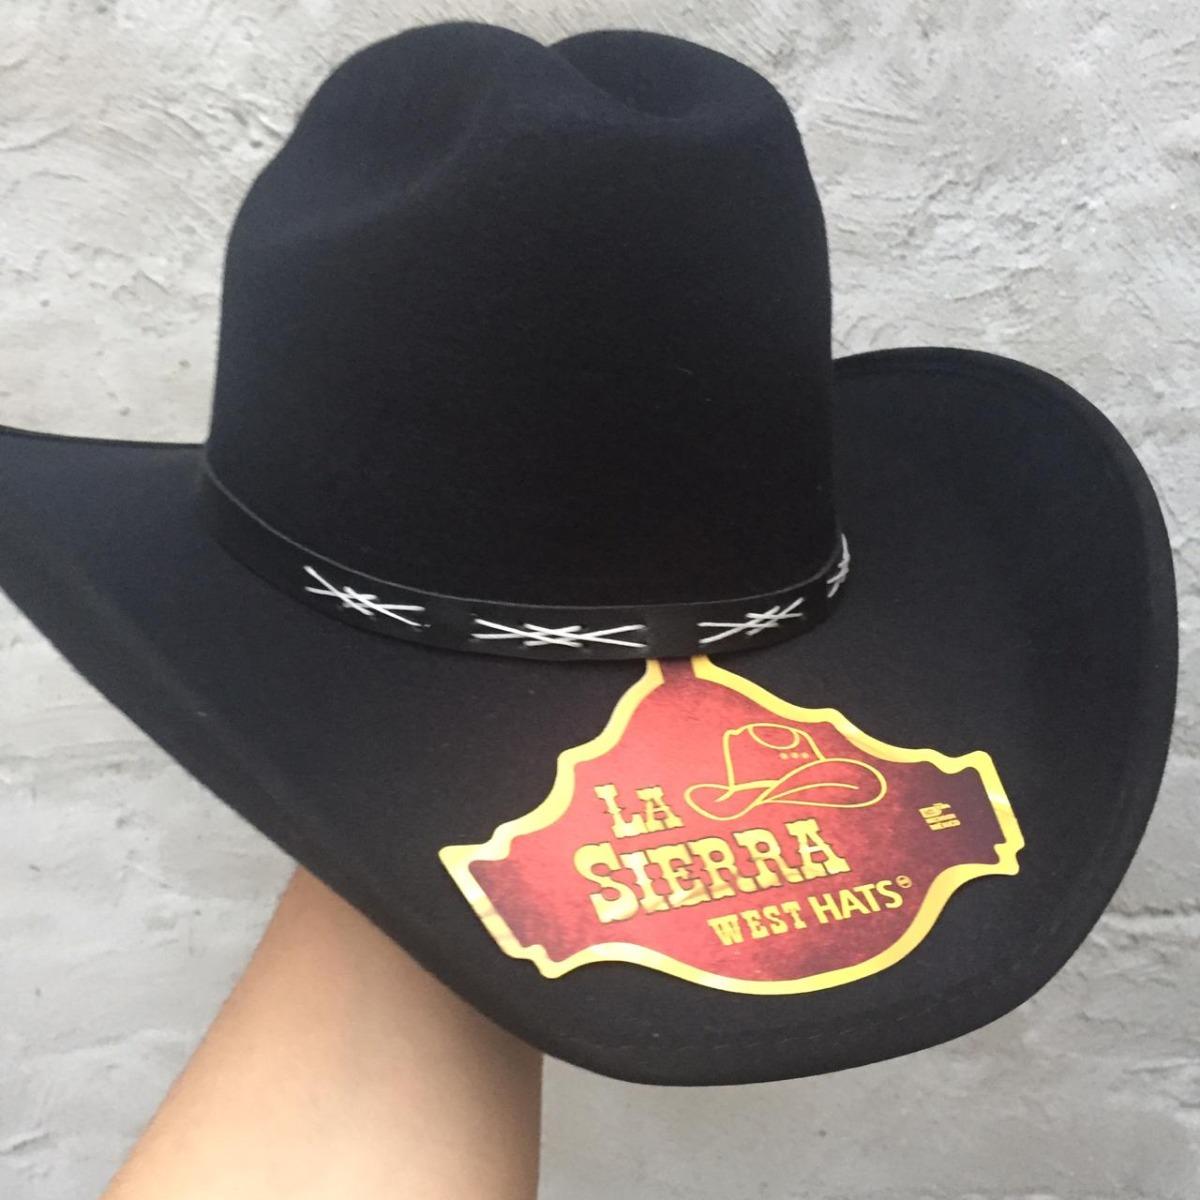 Sombrero Vaquero De Dubetina Horma Americana -   179.00 en Mercado Libre b442c3e6430